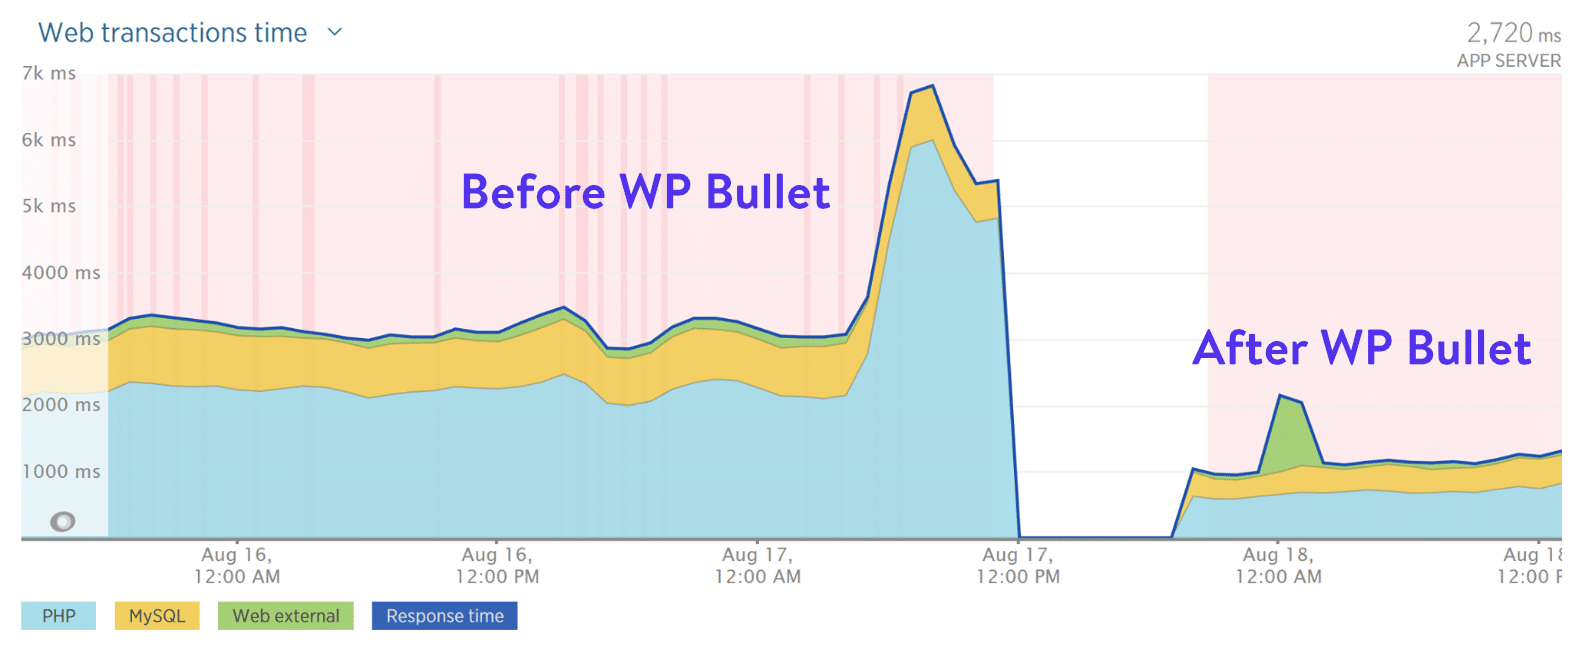 Cliente 1 Prima e dopo WP Bullet